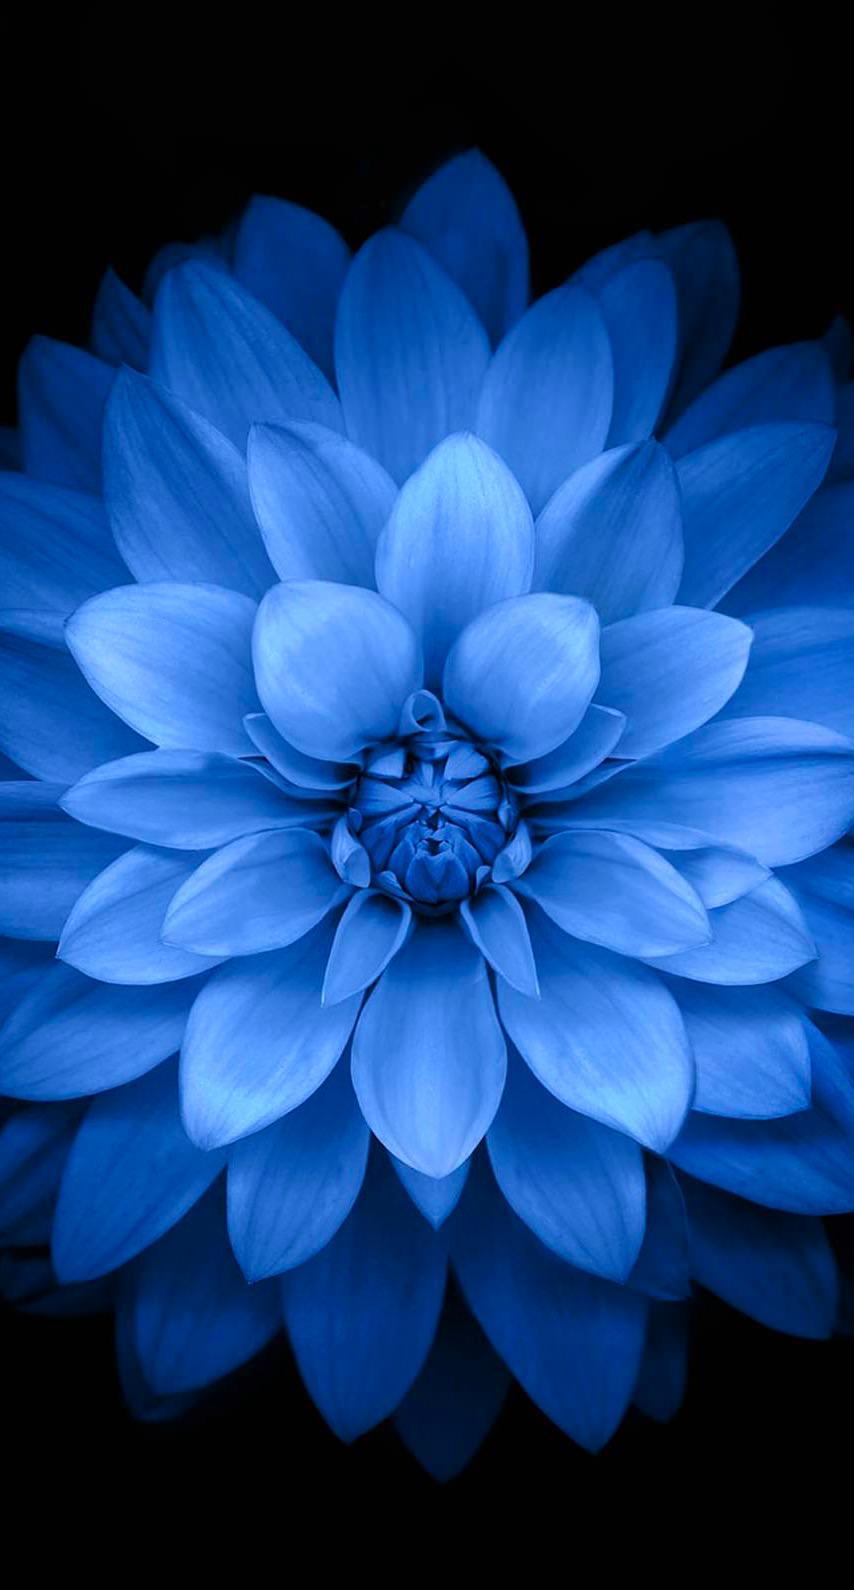 Bunga Hitam Biru Wallpapersc IPhone6s